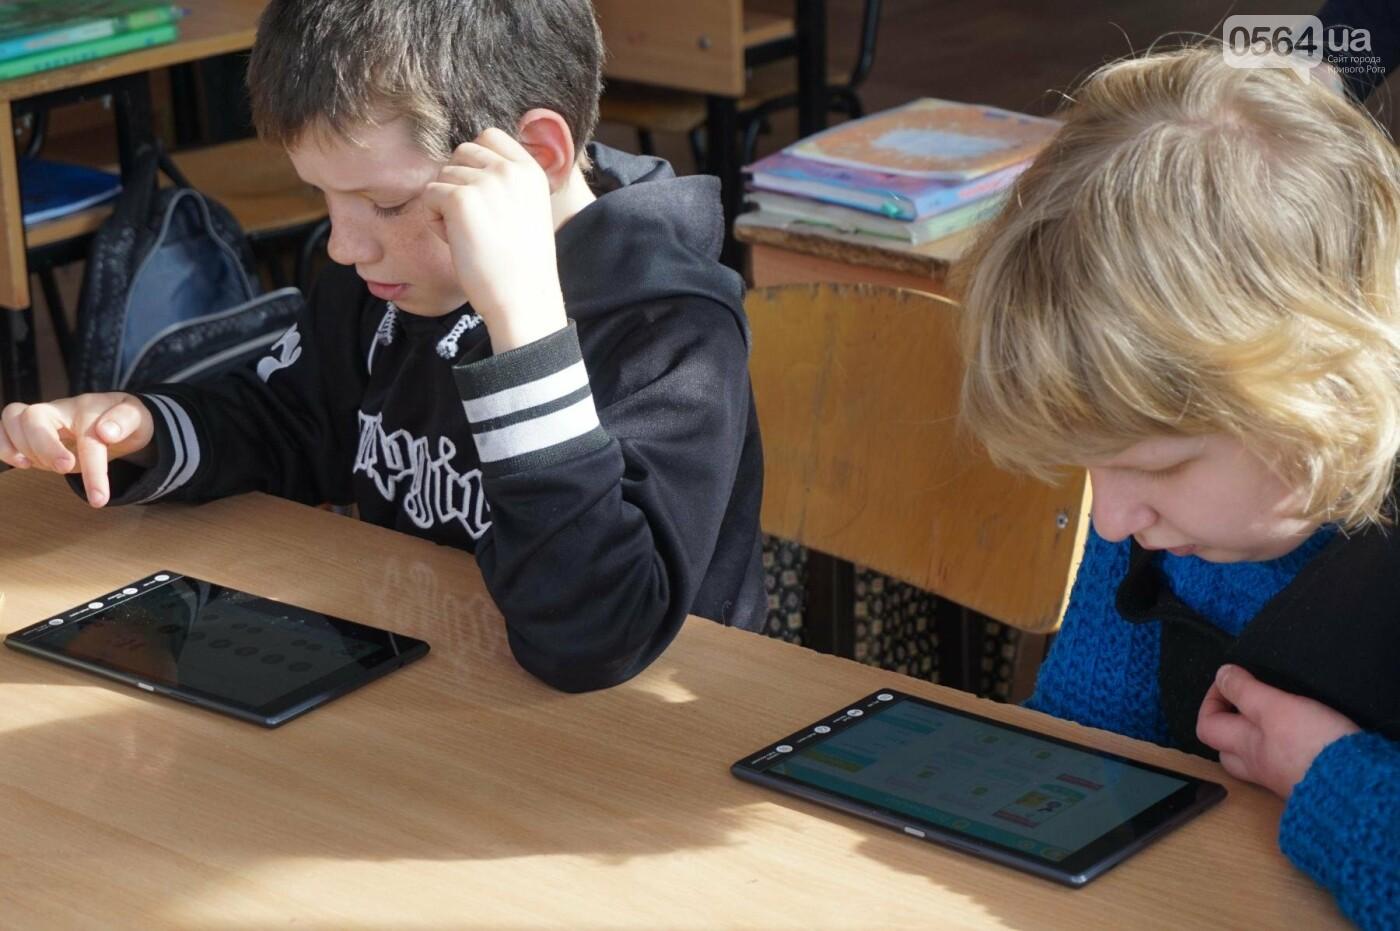 Приближаясь к Европе: Как в школах Кривого Рога внедряют инклюзию (ФОТО), фото-13